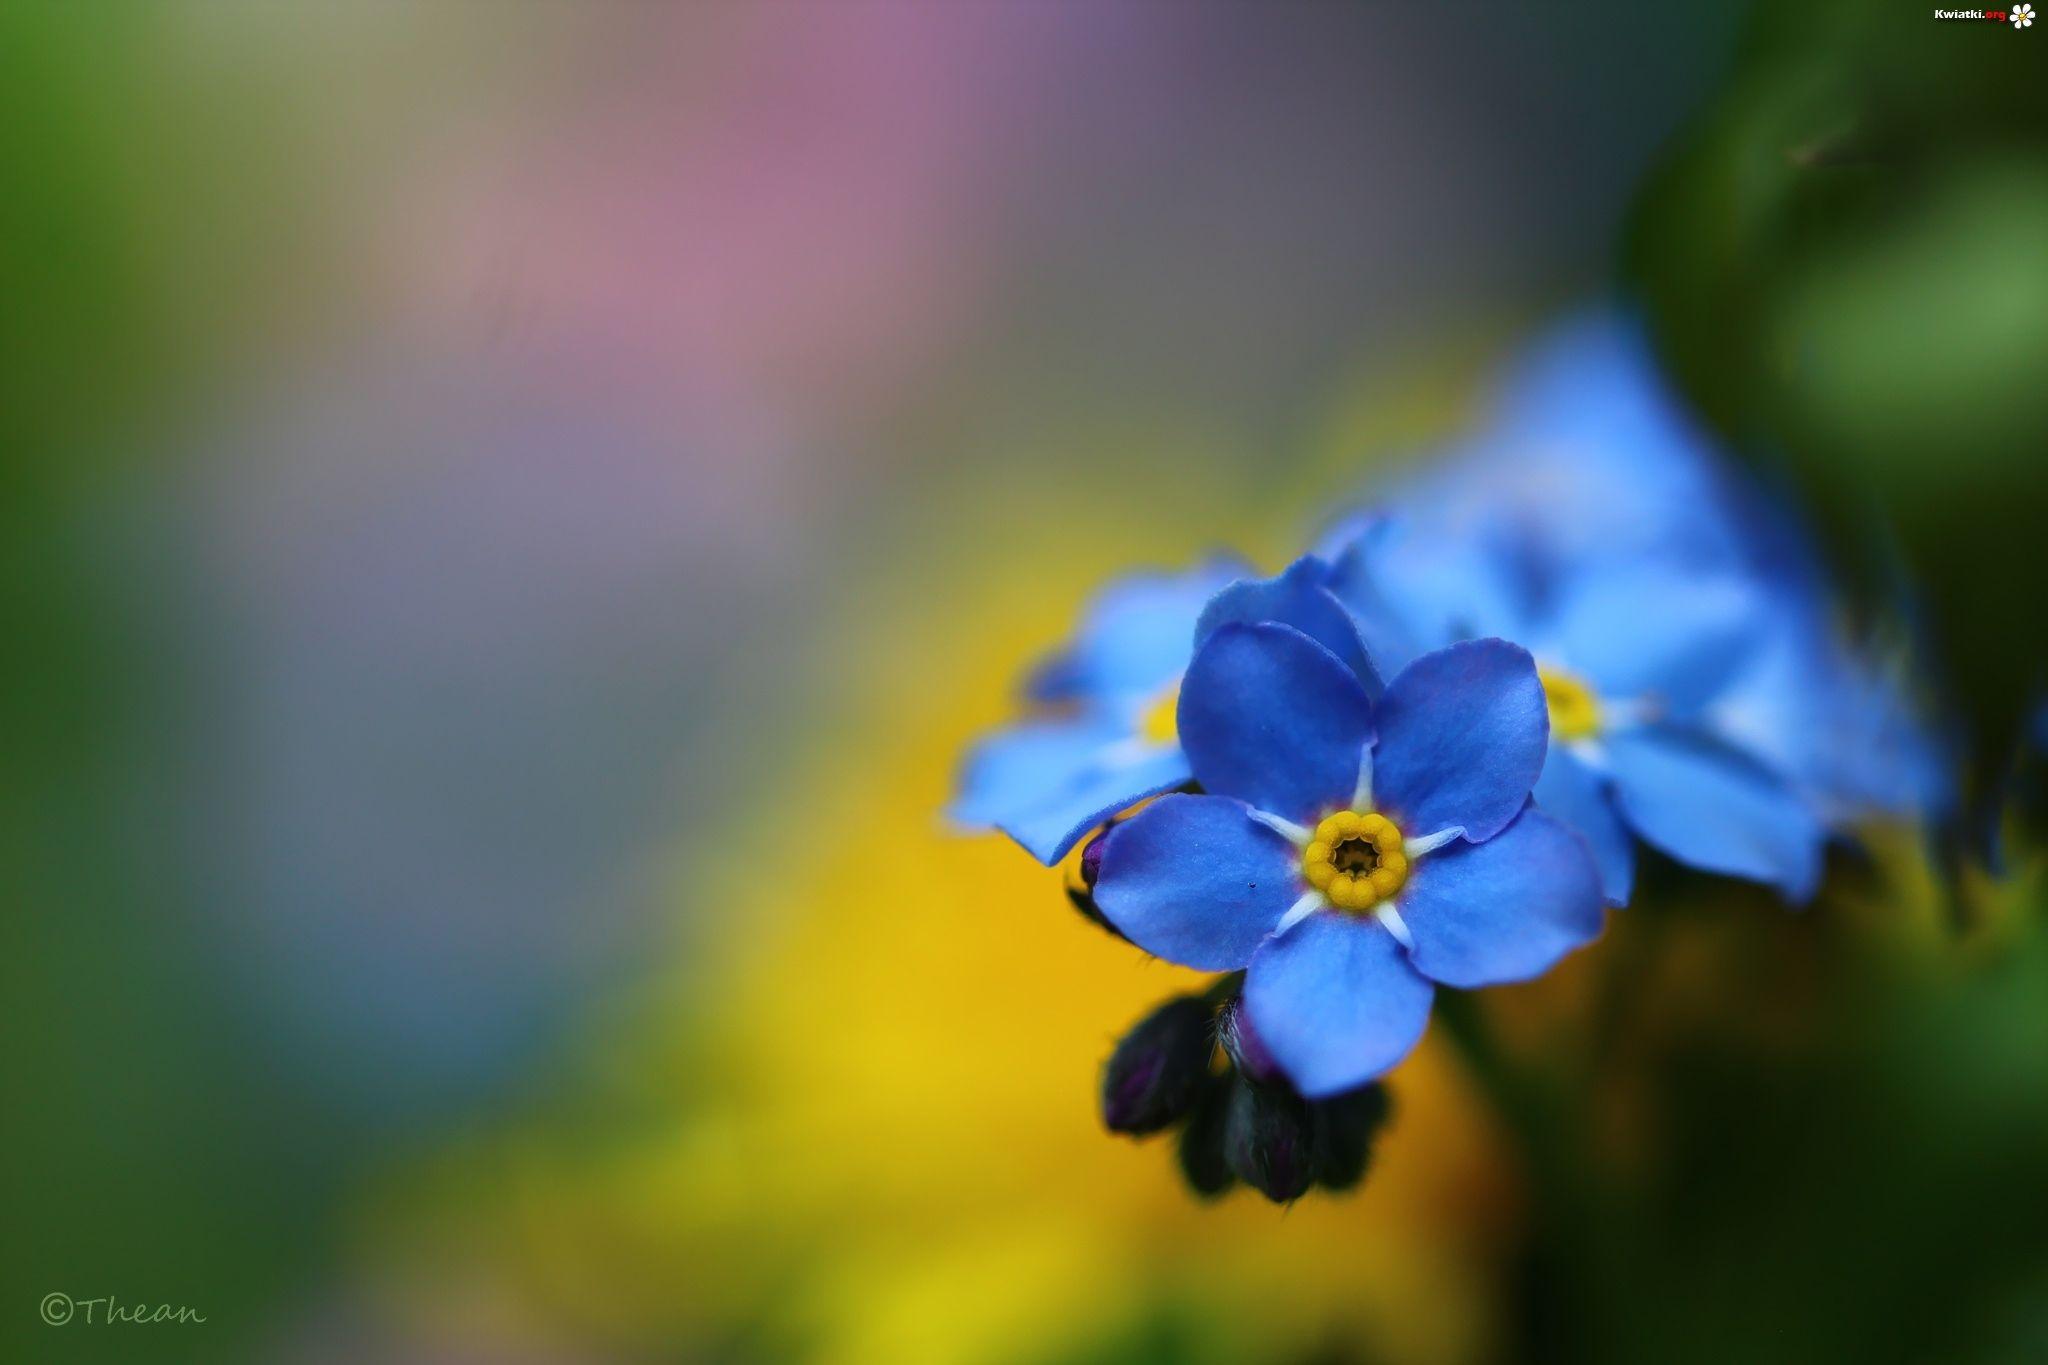 Niezapominajki Niebieskie Kwiaty Zdjecia Flowers Art Photography Plants